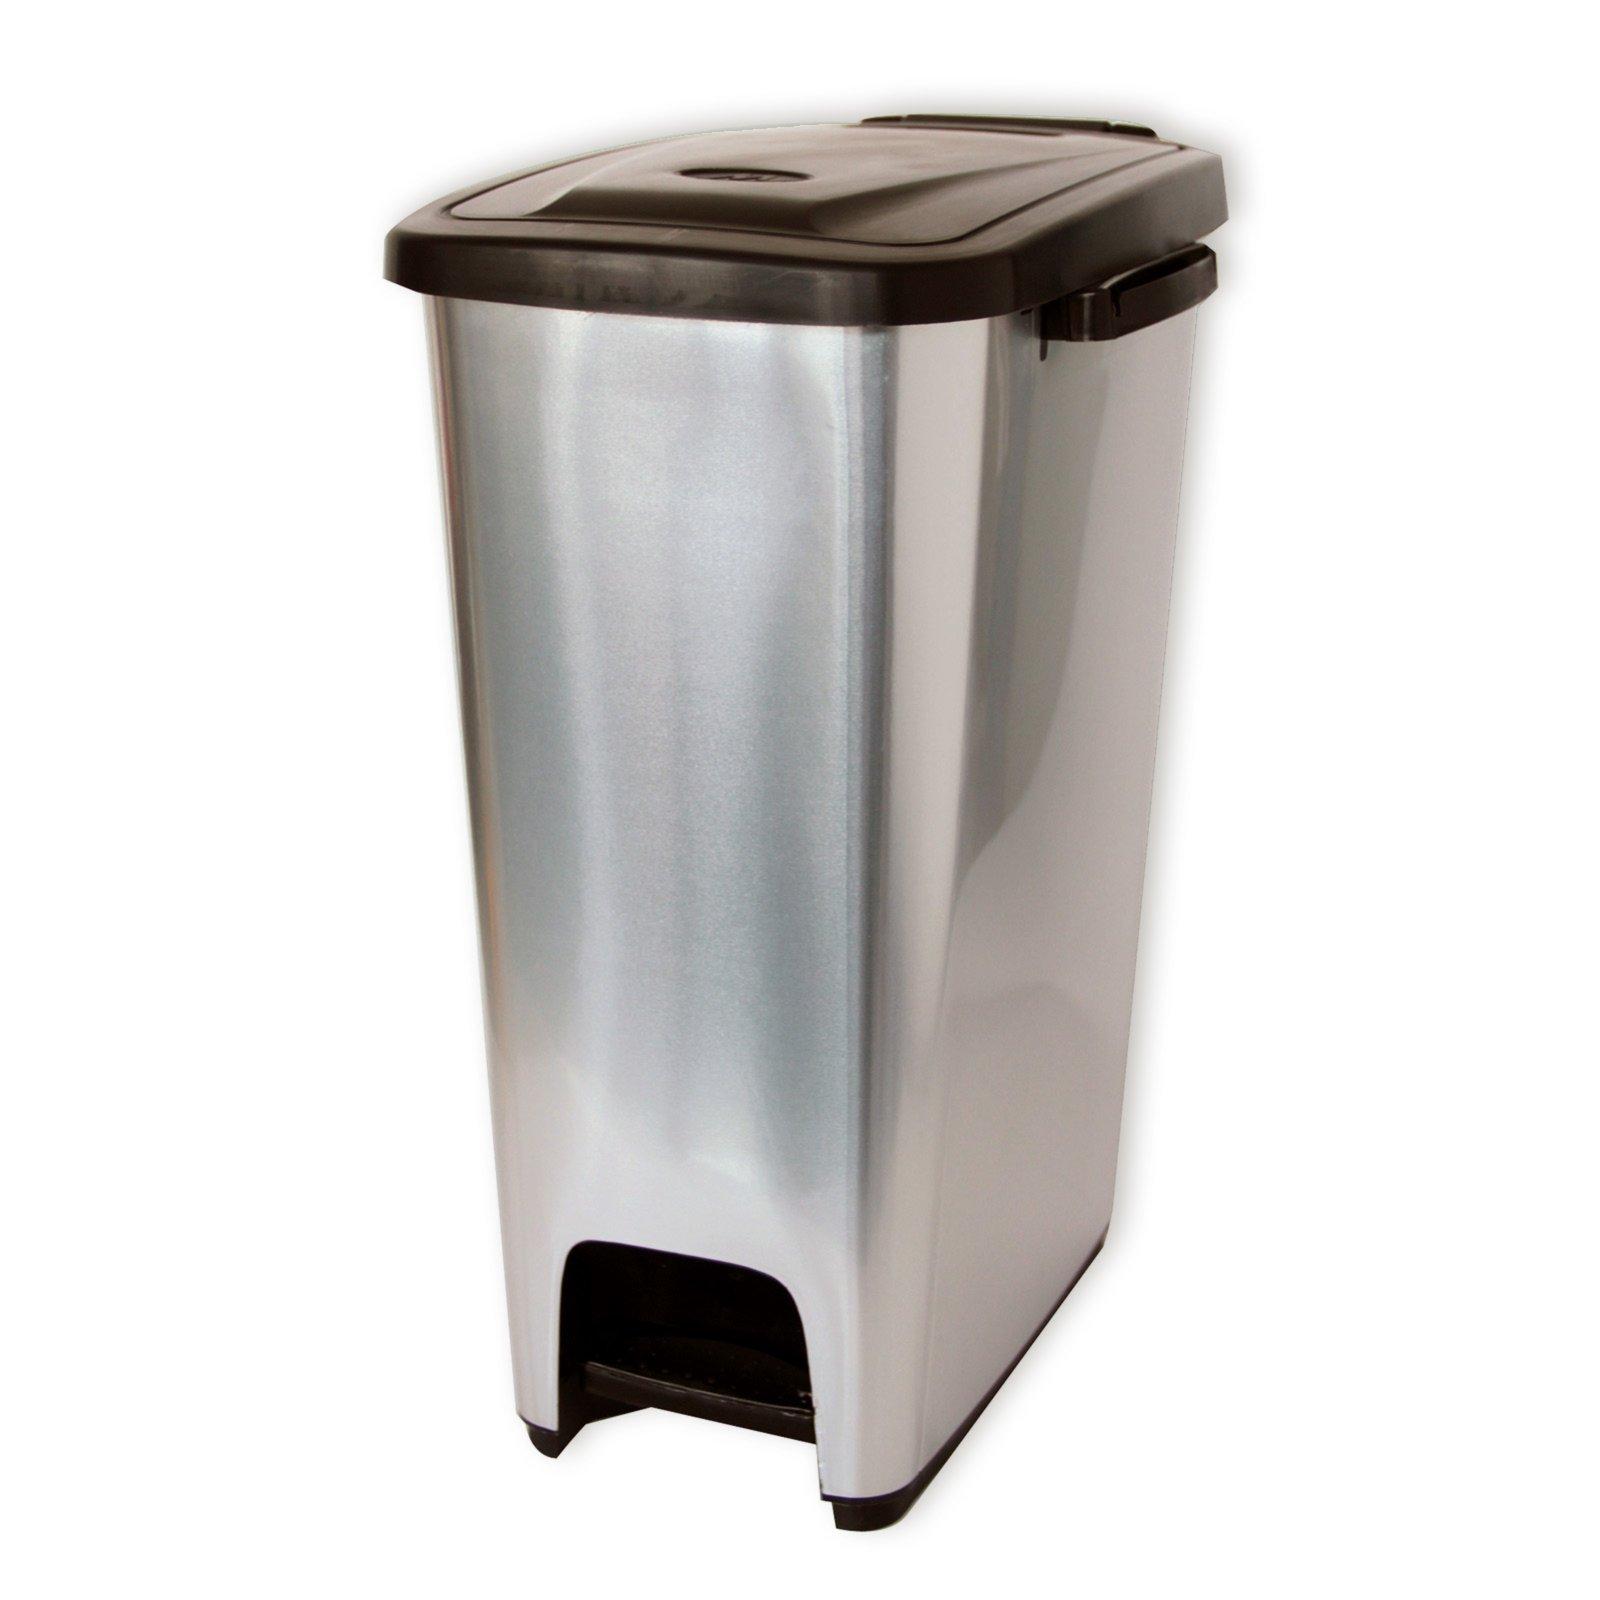 Mülleimer & Abfalleimer » Jetzt günstig bei ROLLER kaufen